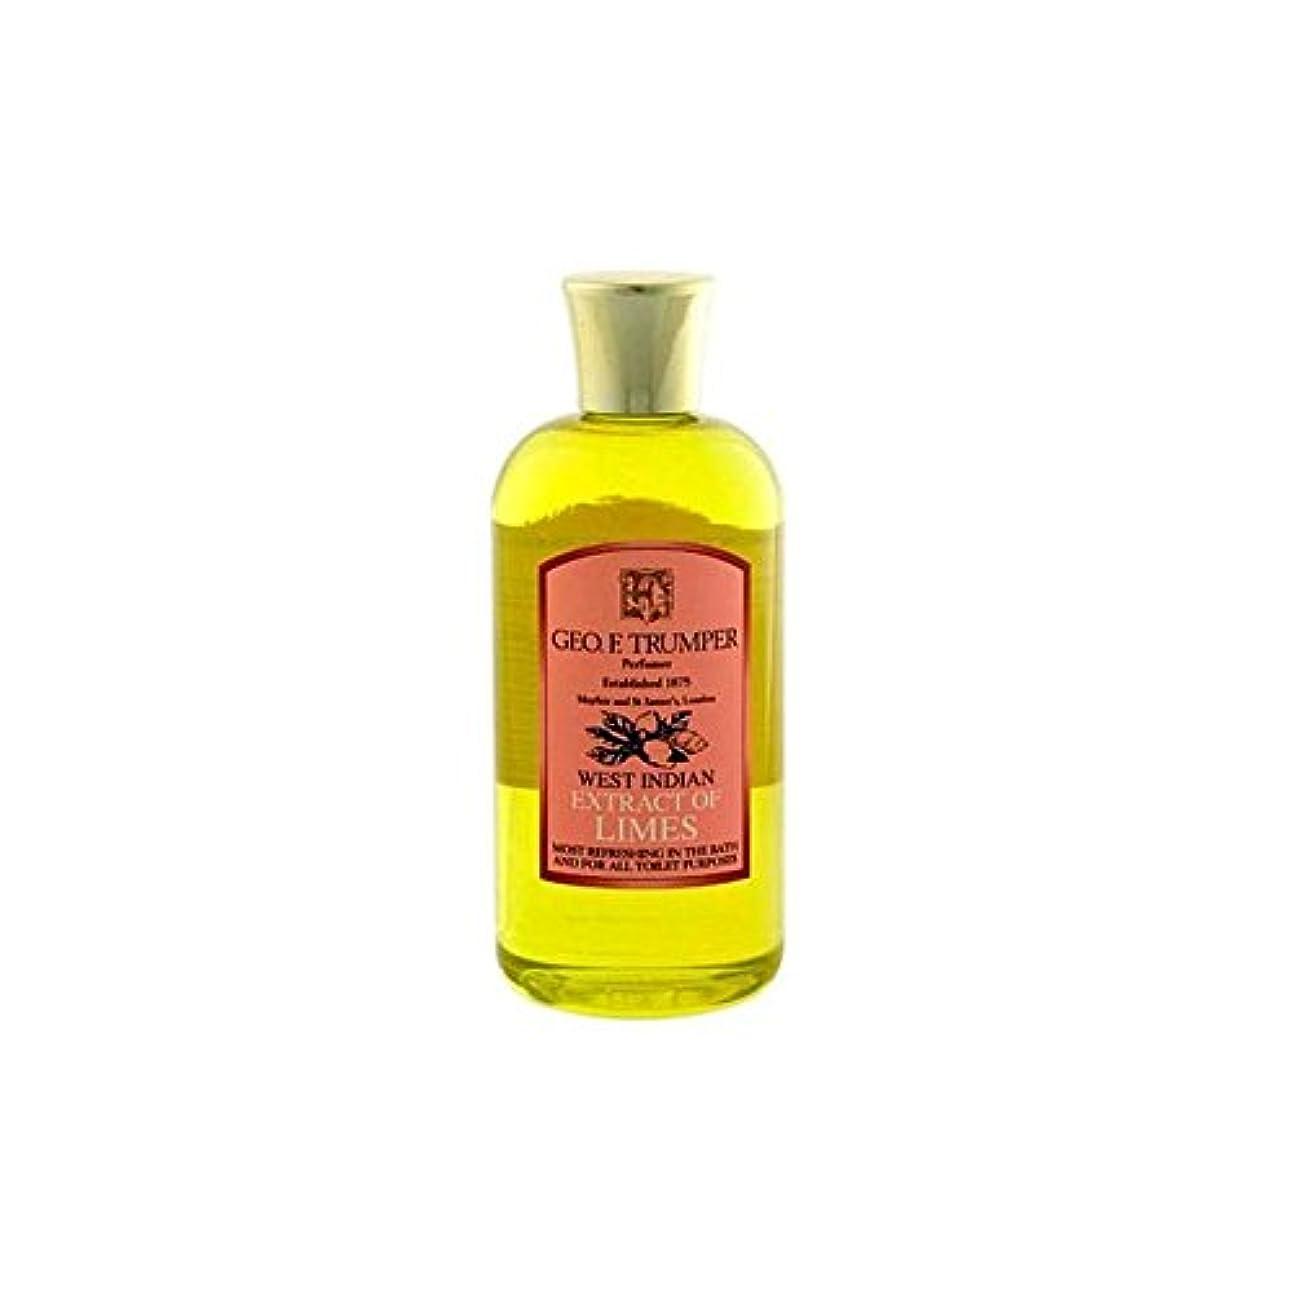 凝視バブル経歴ライムのバスタブとシャワージェル200の抽出物を x4 - Trumpers Extracts of Limes Bath and Shower Gel 200ml (Pack of 4) [並行輸入品]